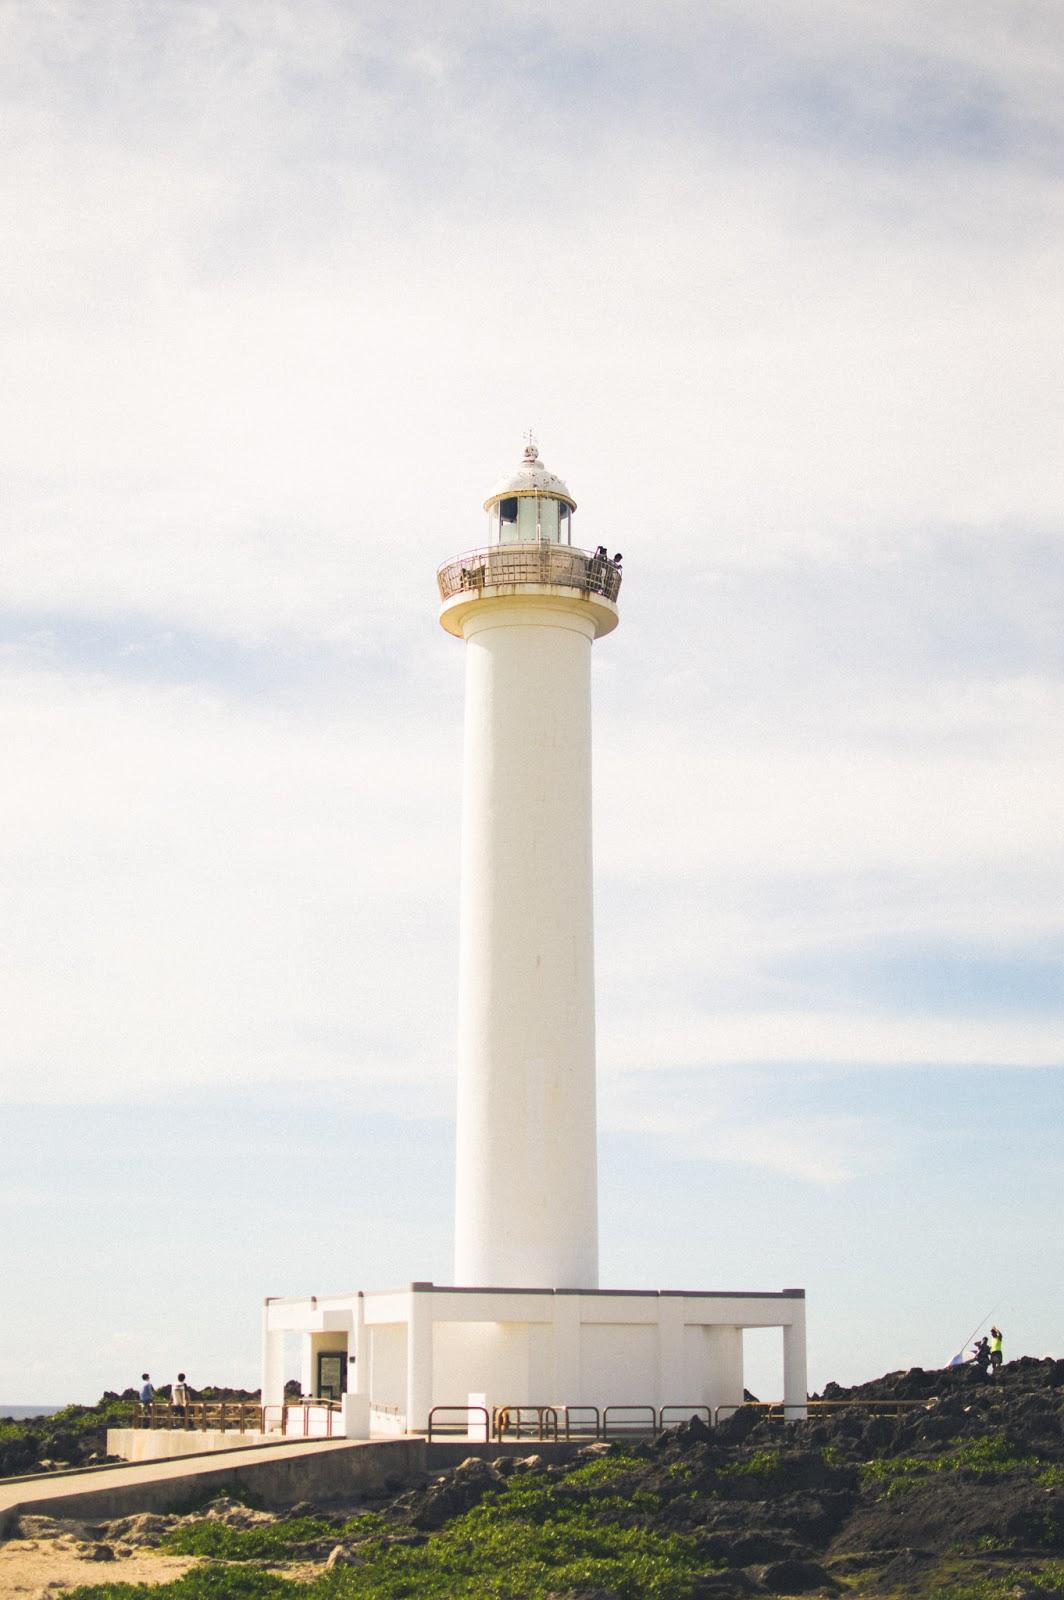 cape zanpa zampa yomitan okinawa japan lighthouse